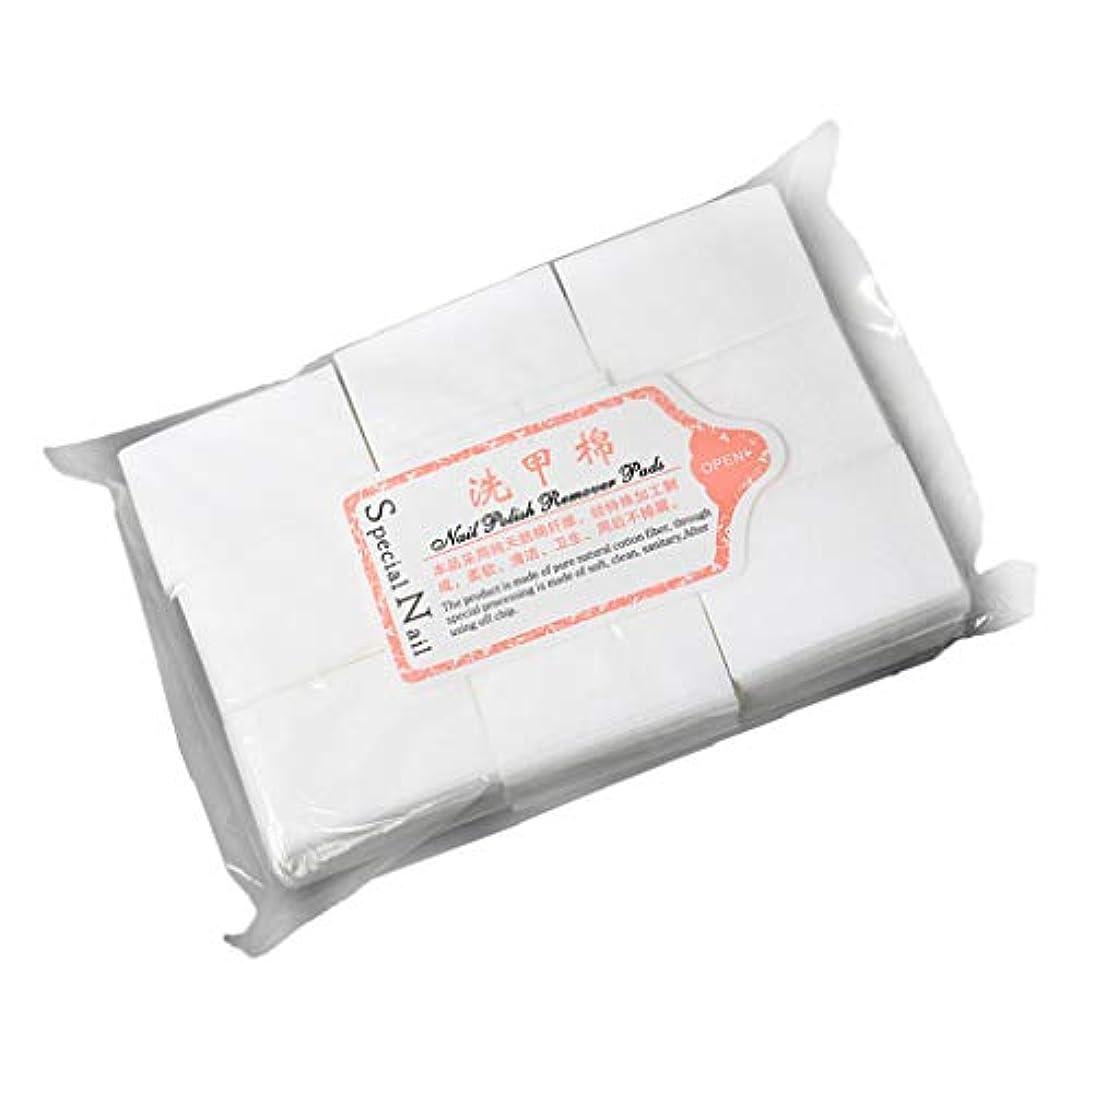 休み鈍いバージンネイルアートジェルポリッシュ リムーバーワイプ 拭き取り 化粧品 コットンパッド